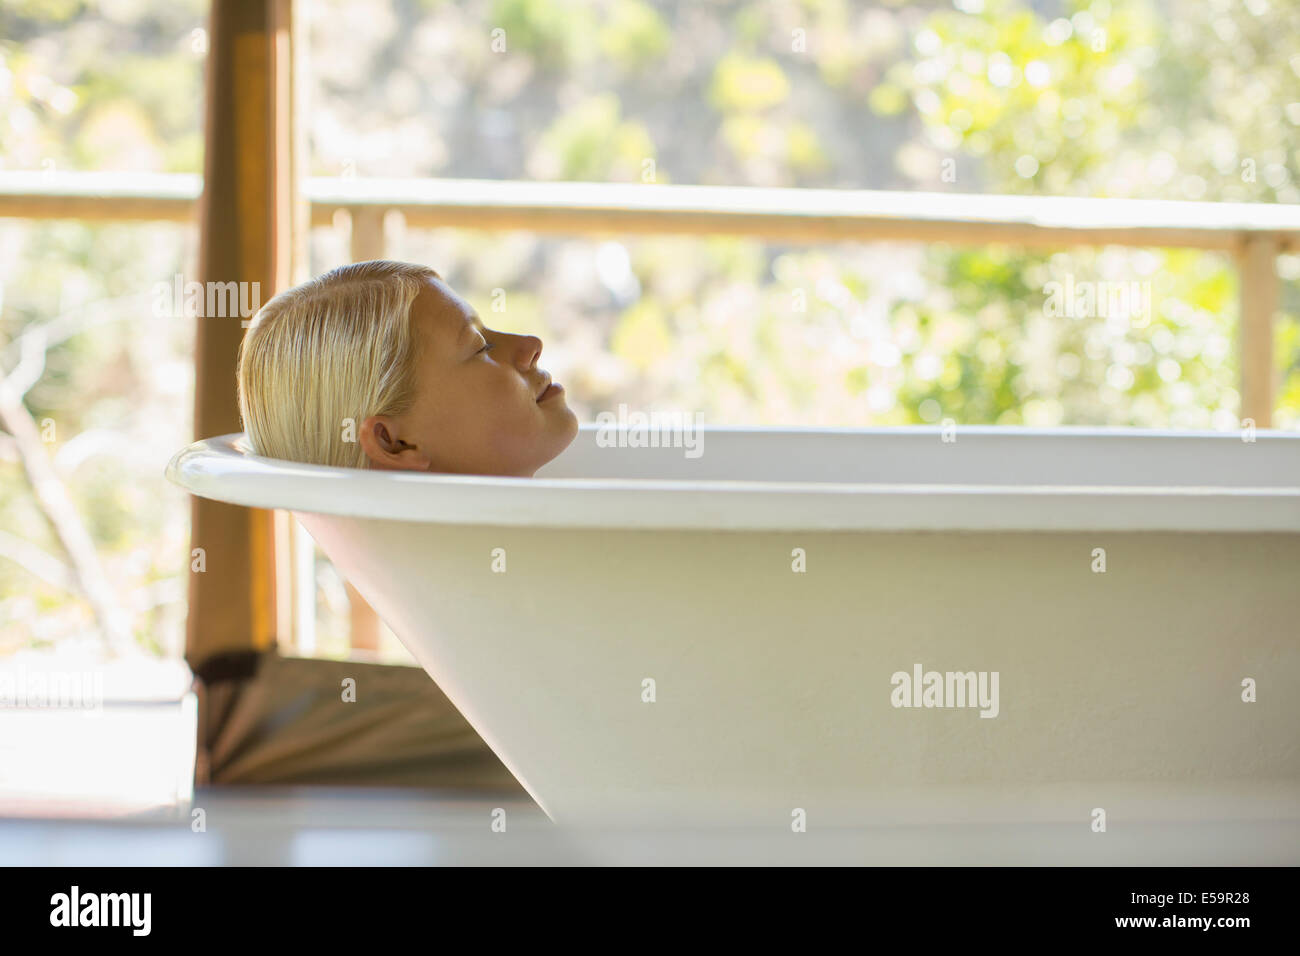 Vasca Da Bagno Relax : Donna relax nella vasca da bagno foto & immagine stock: 72130416 alamy